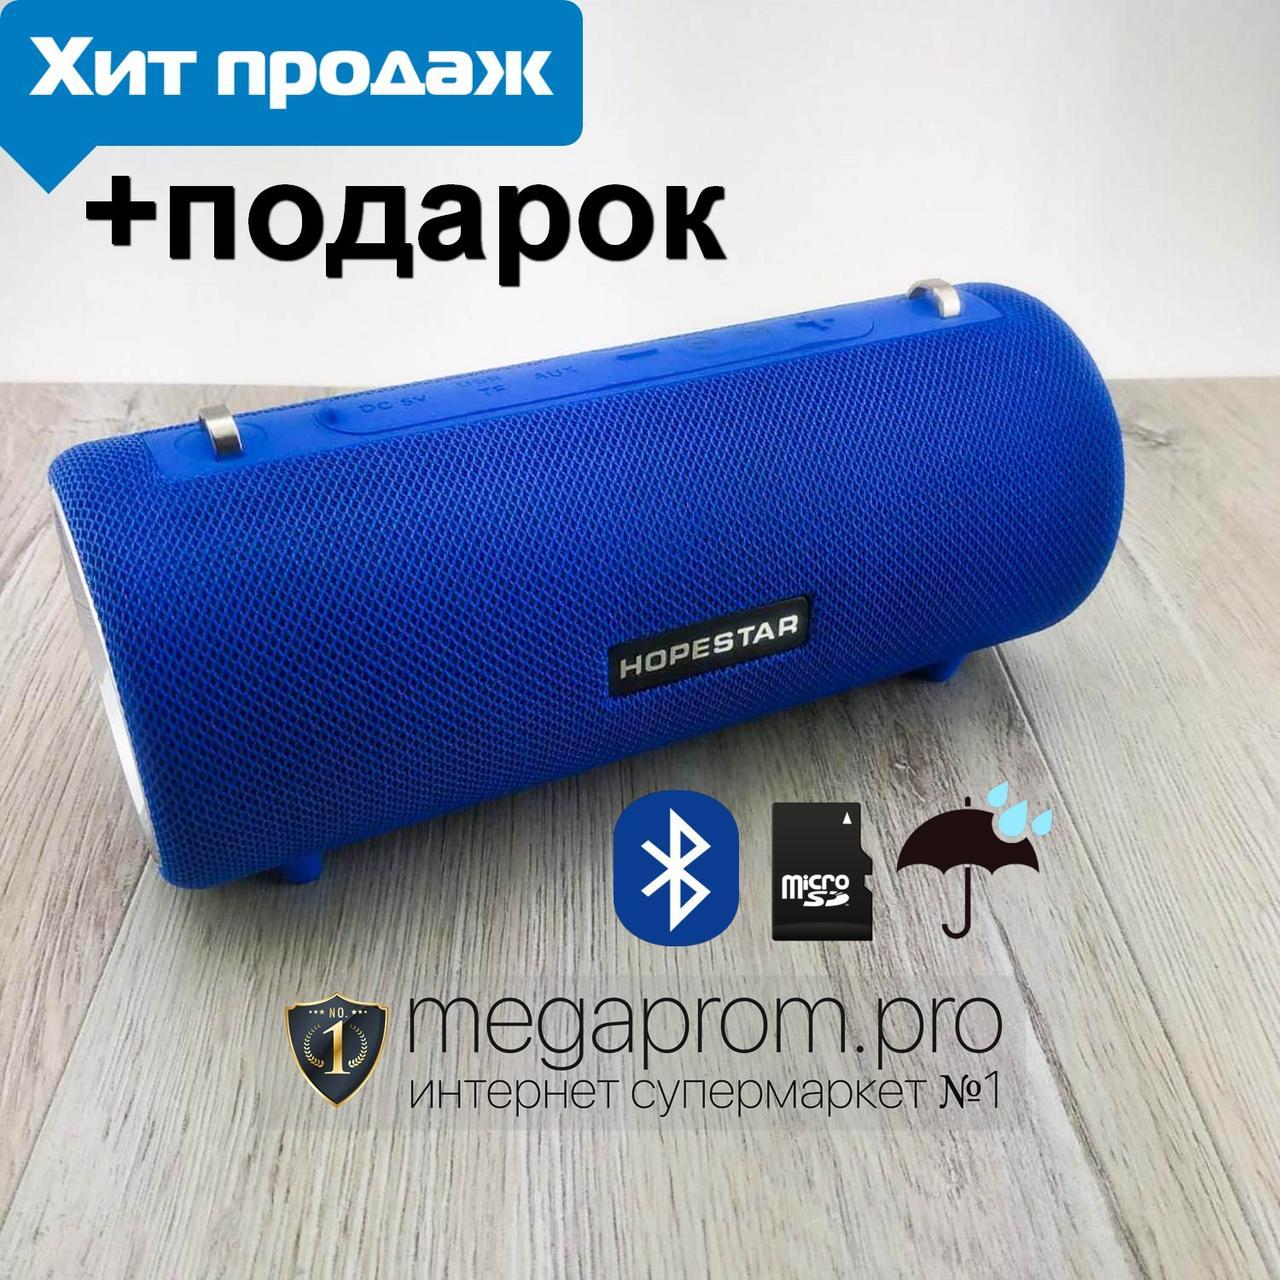 Портативна Bluetooth Колонка Hopestar H39 ОРИГІНАЛ бездротова синя